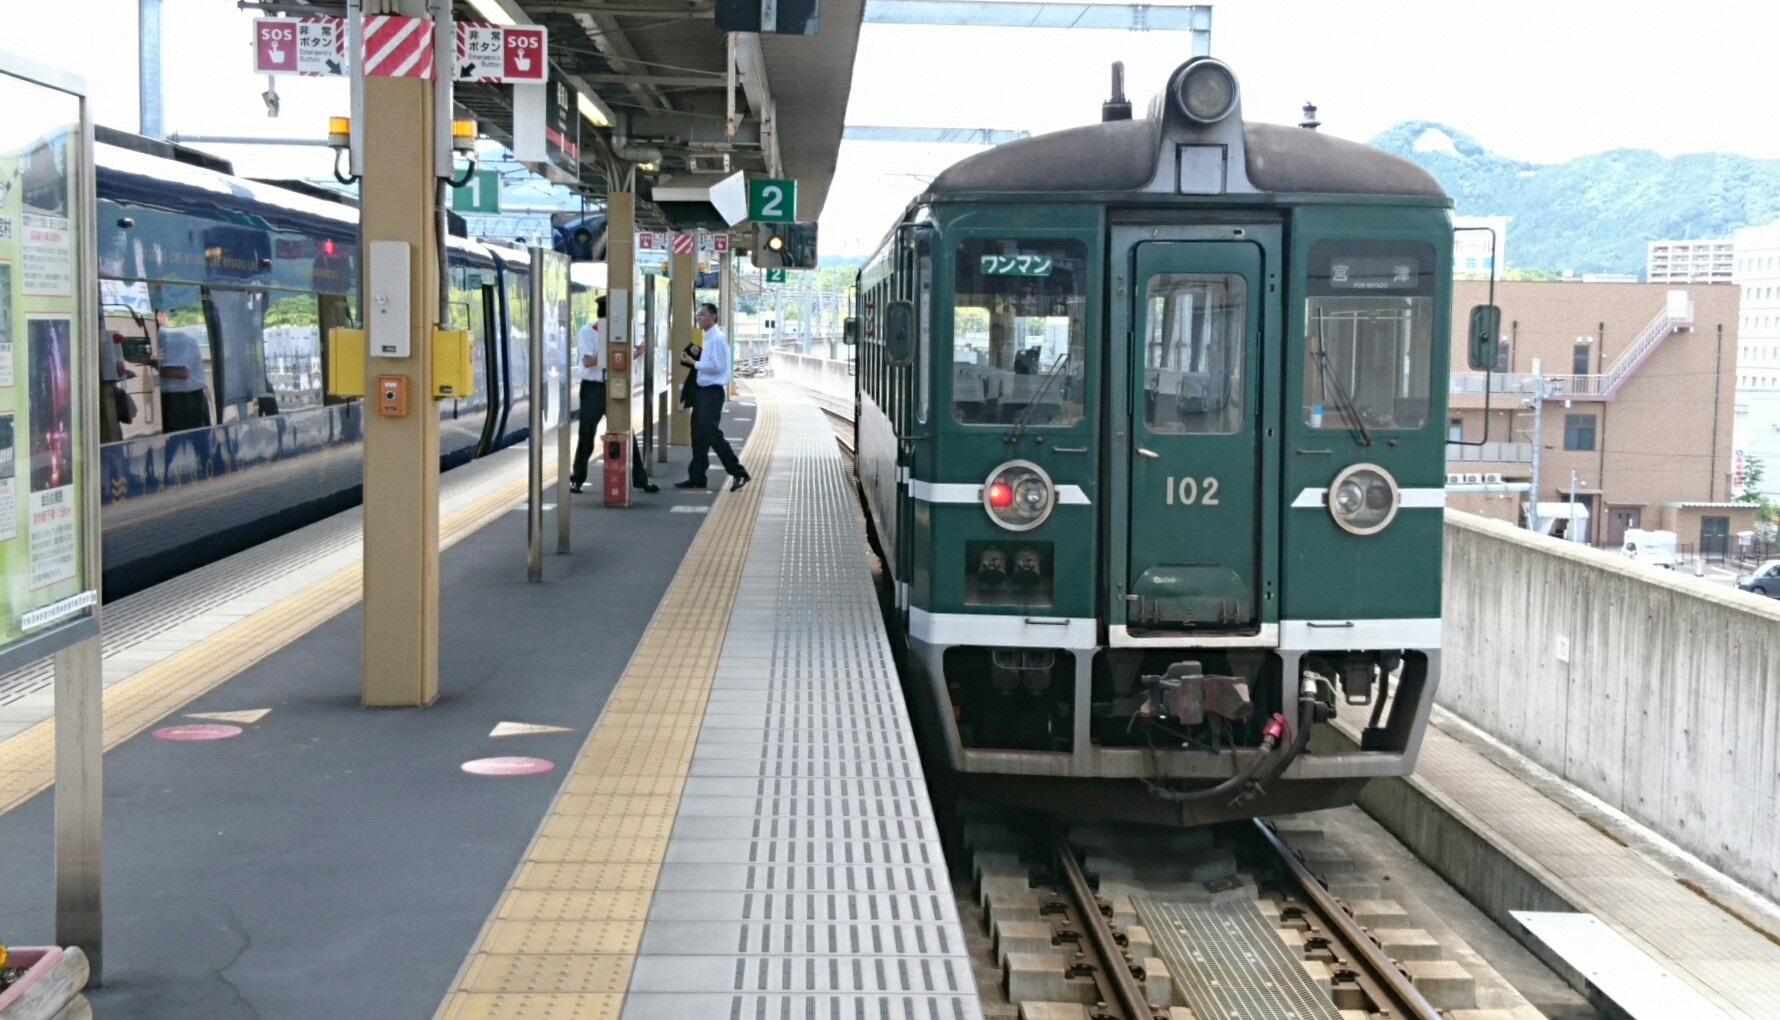 2017.6.4 天橋立 (118) 福知山 - 京都丹后鉄道列車 1780-1020